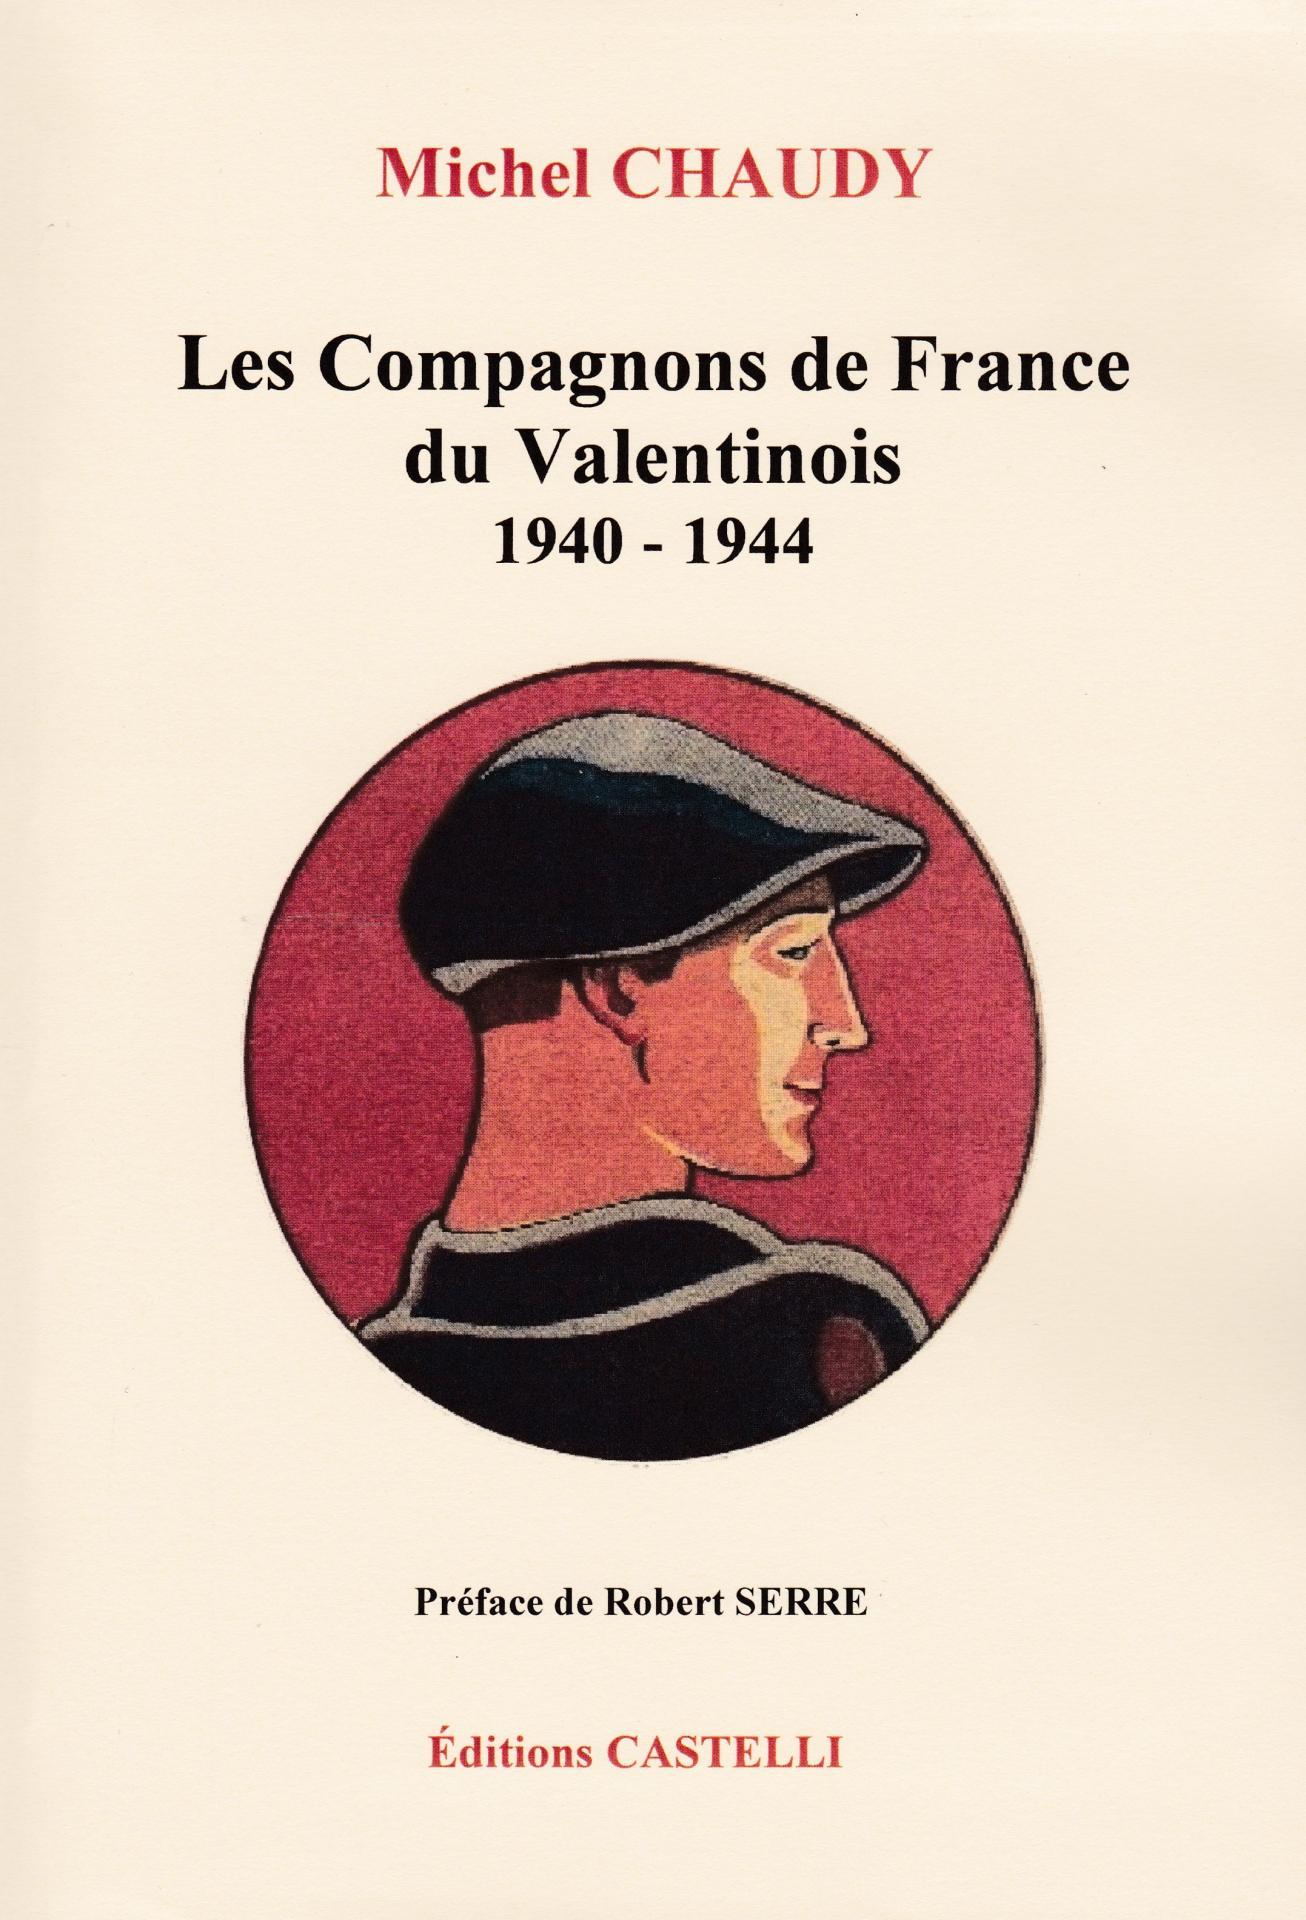 Les Compagnons de France du Valentinois